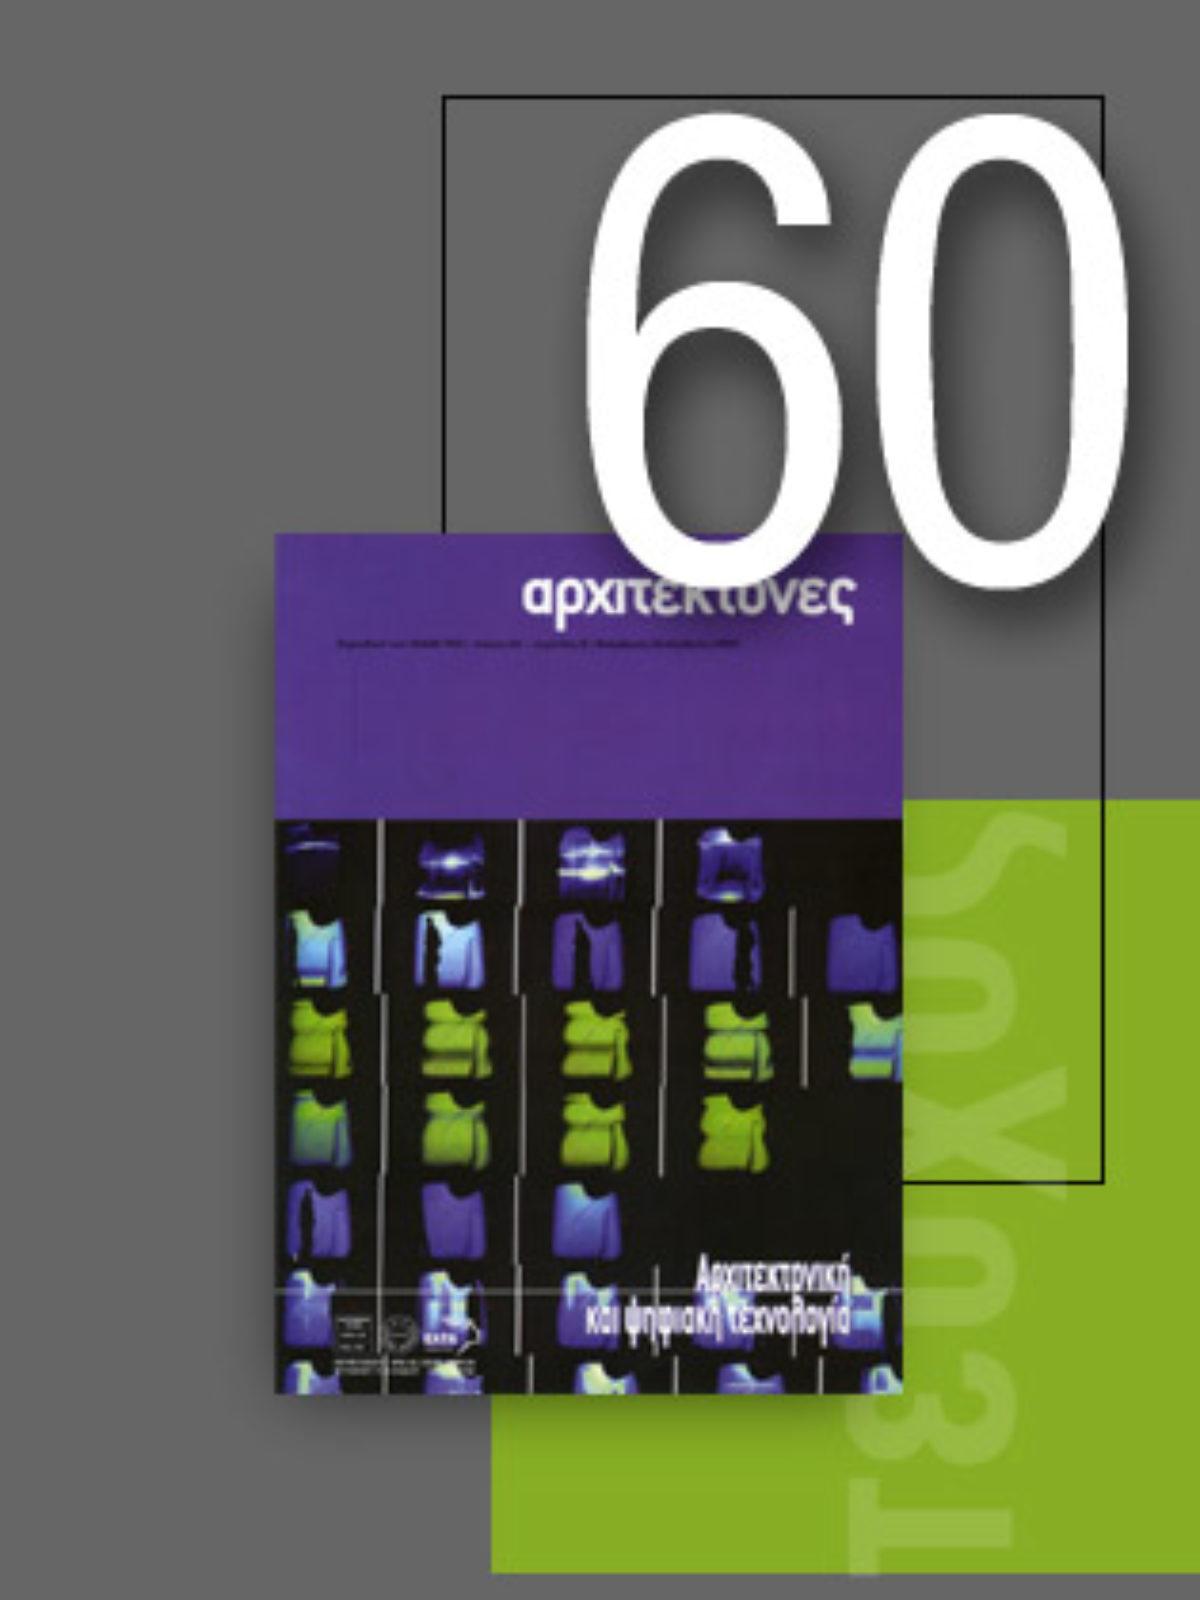 «Αρχιτέκτονες» Τεύχος 60, Περίοδος Β', Νοέμβριος/Δεκέμβριος 2006 | Aρχιτεκτονική και ψηφιακή τεχνολογία